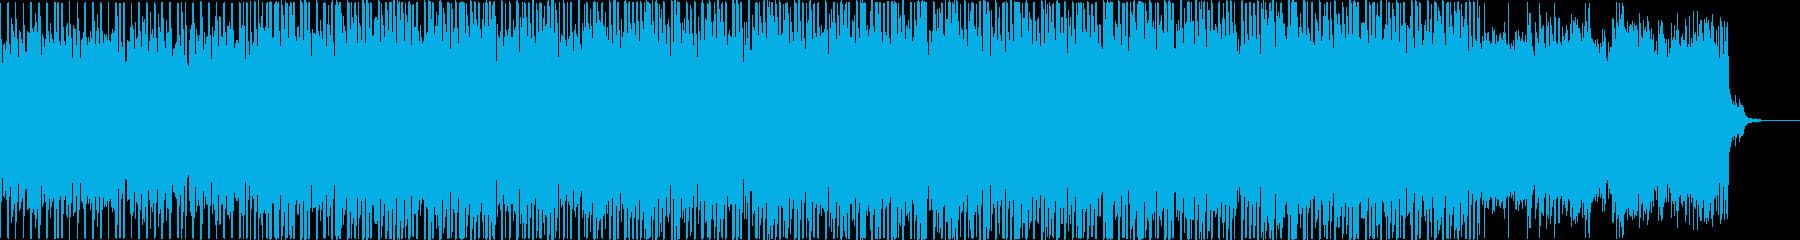 未来を見据えて歩き出すエレクトロポップの再生済みの波形